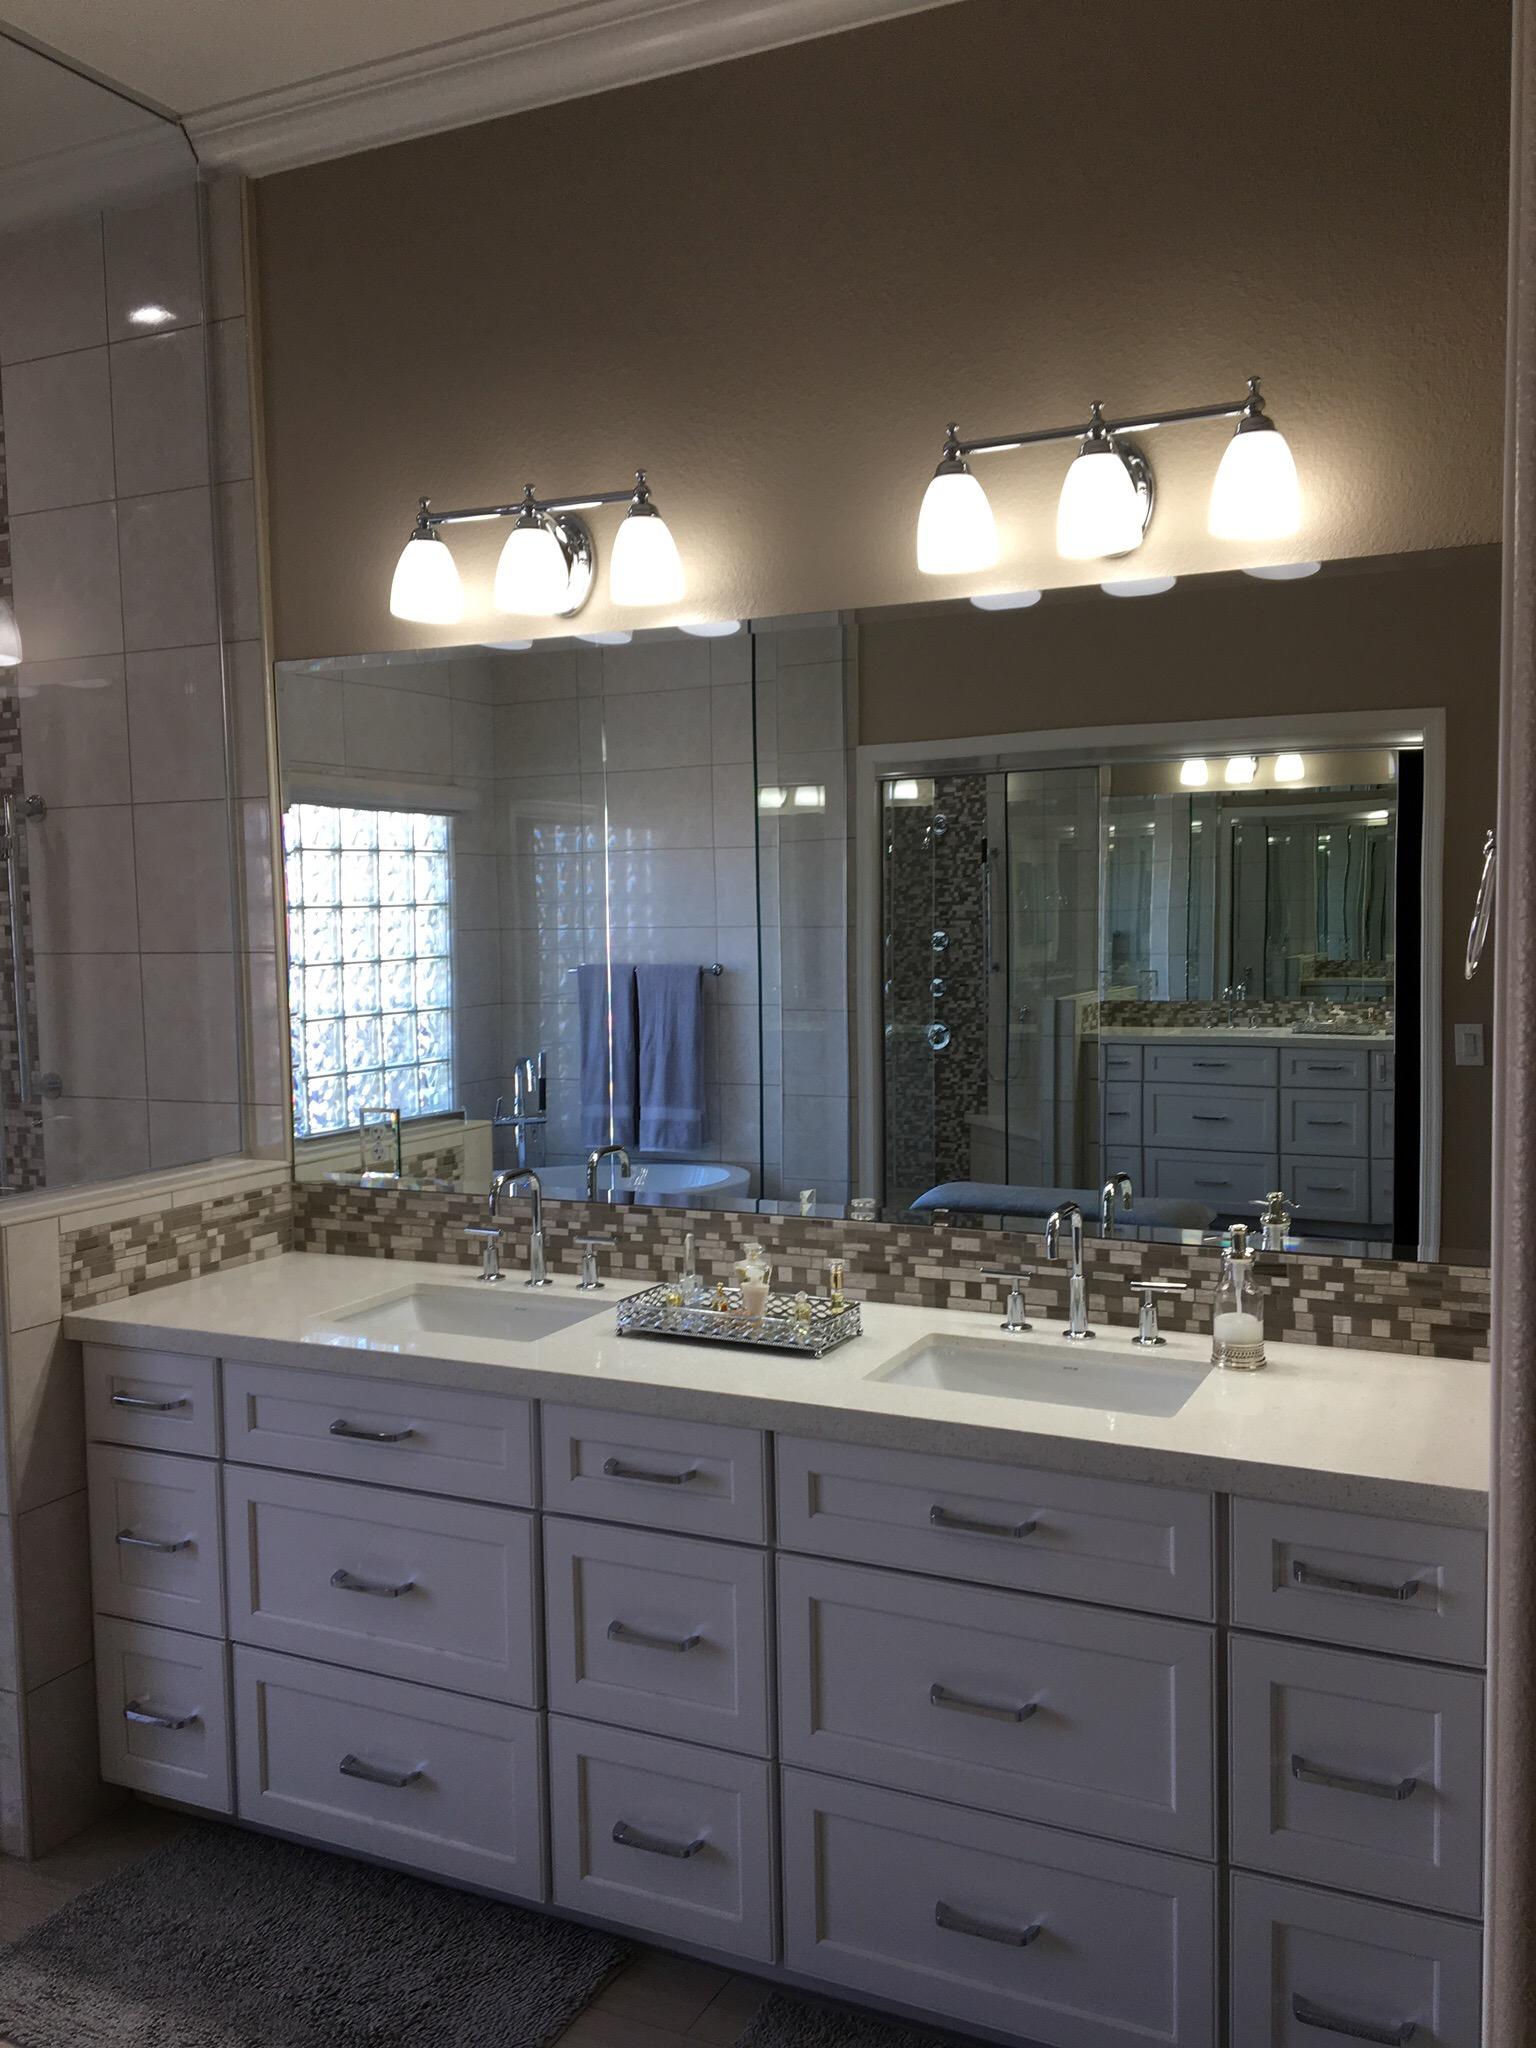 bathroom remodeling las vegas kitchen remodel las vegas Bathroom